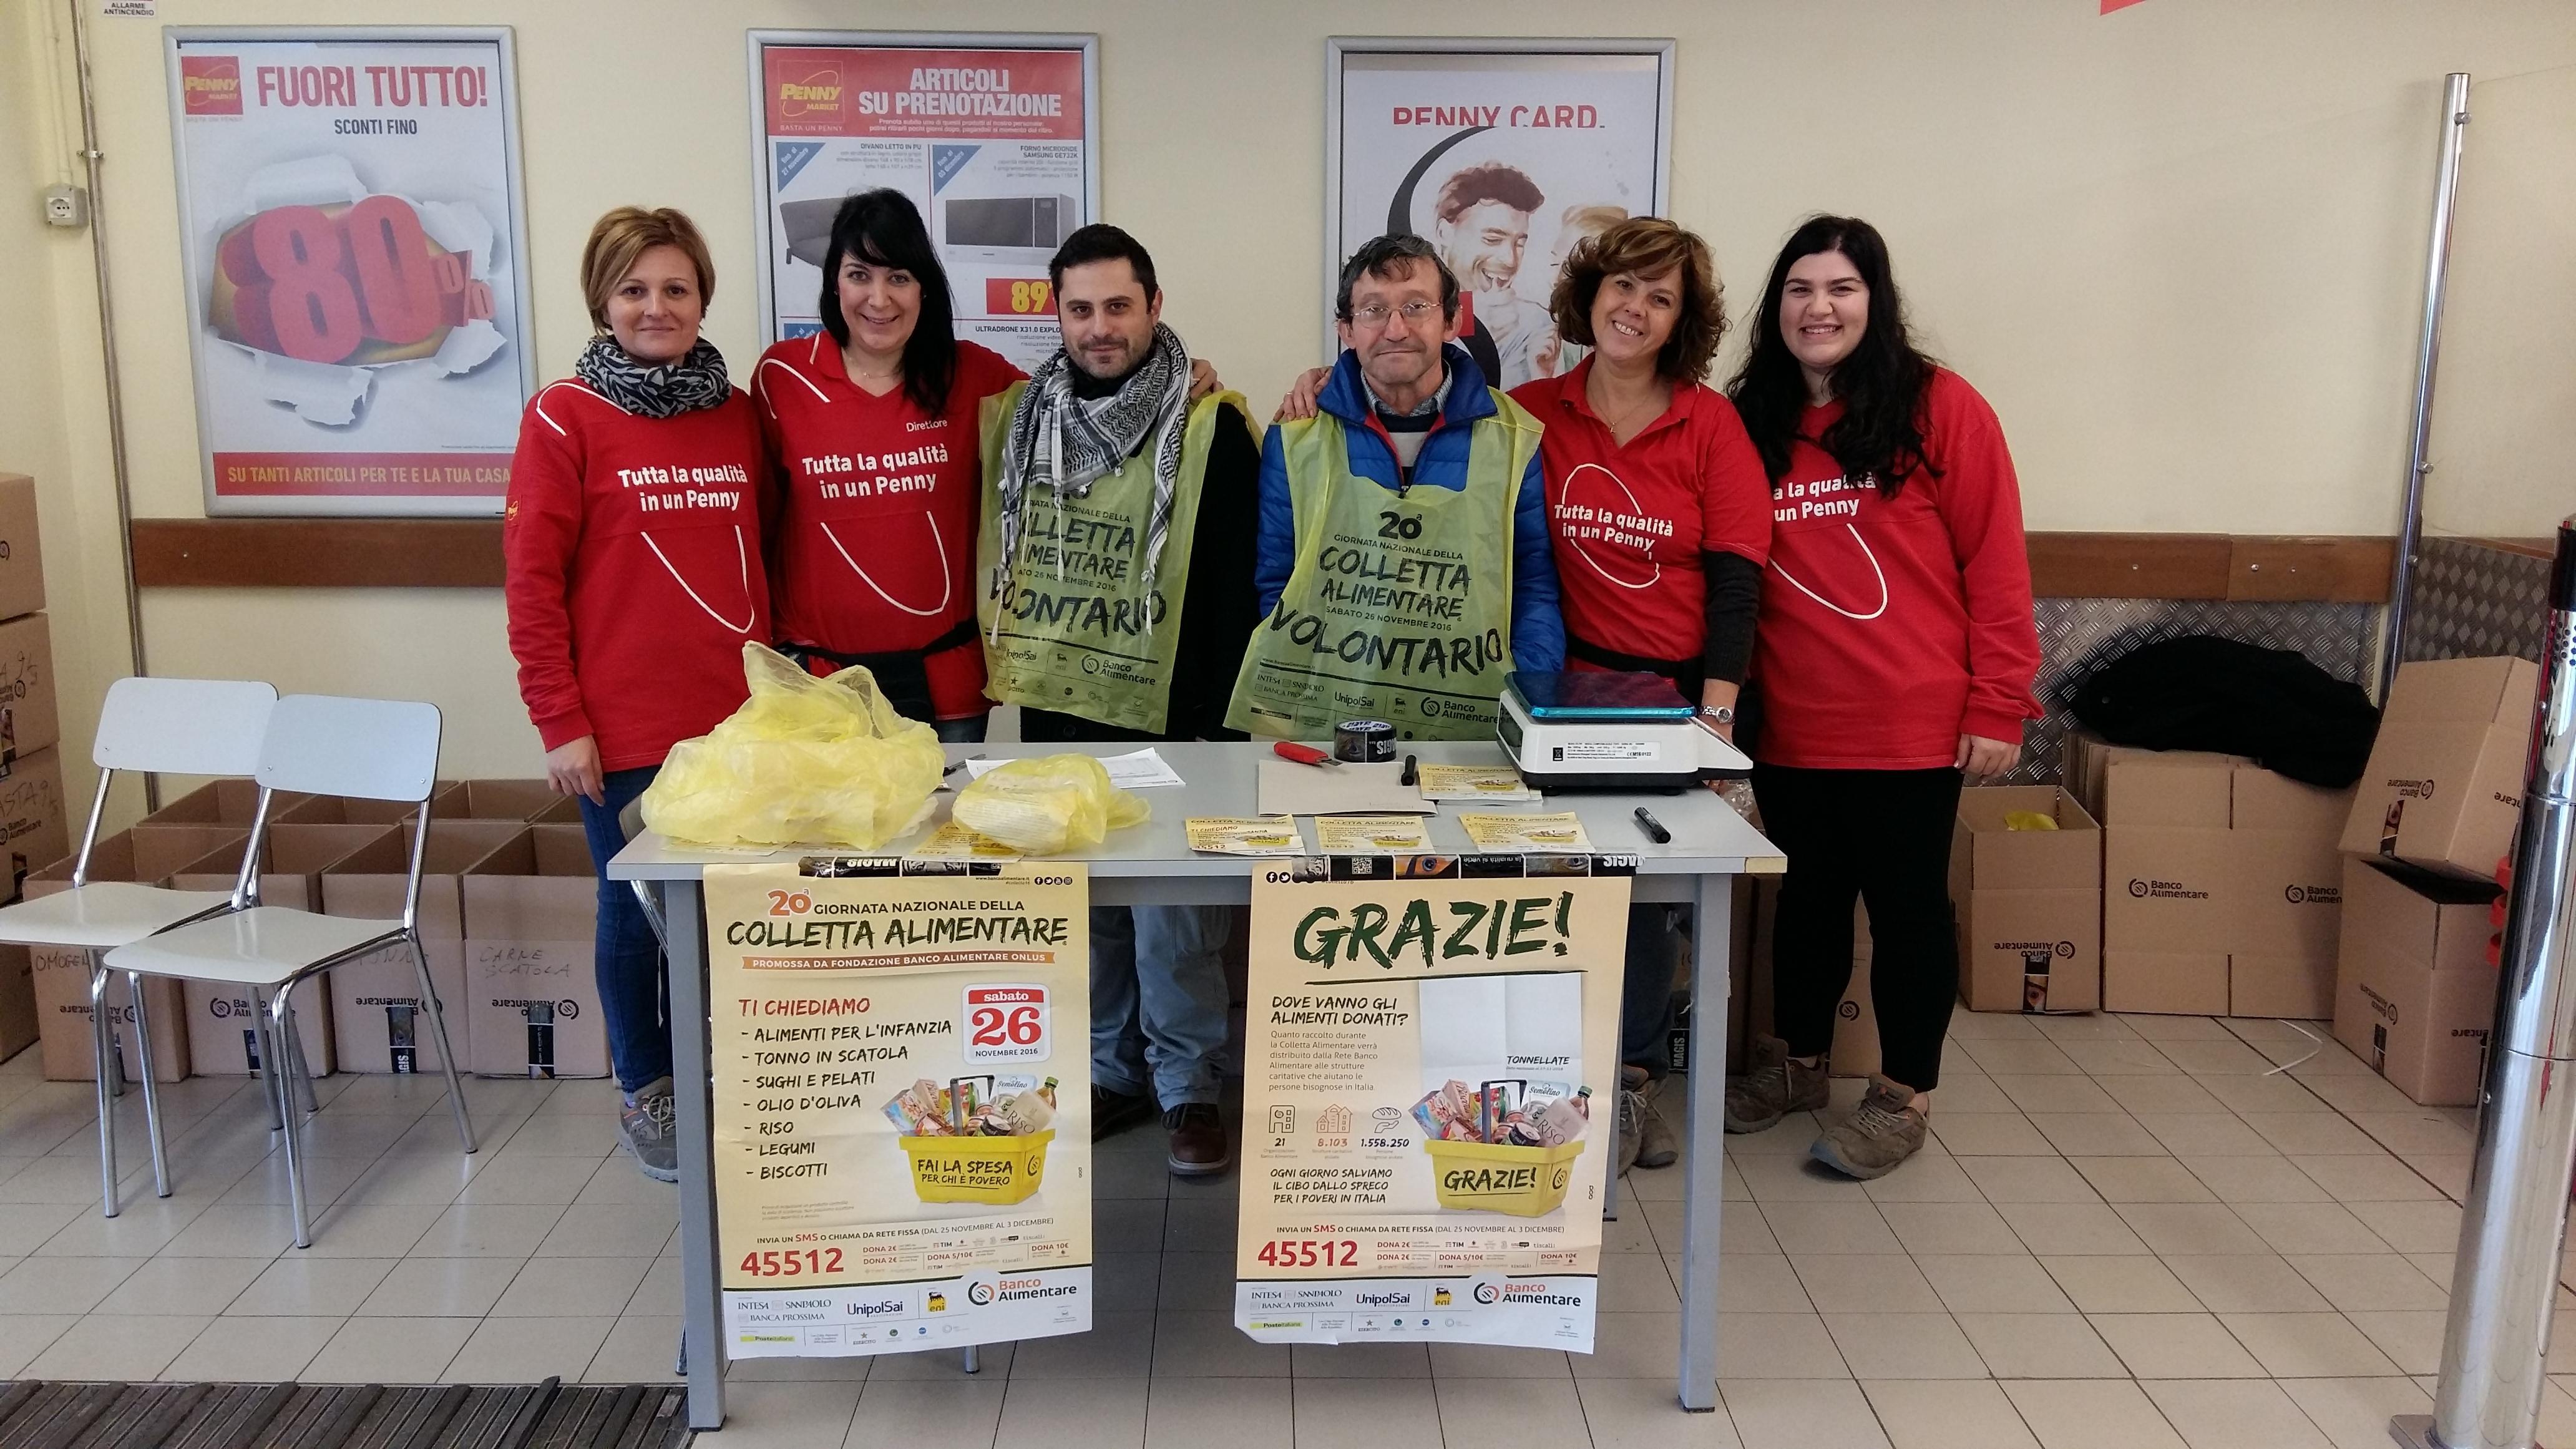 Entusiasmo e successo a Cortona per la giornata della colletta alimentare